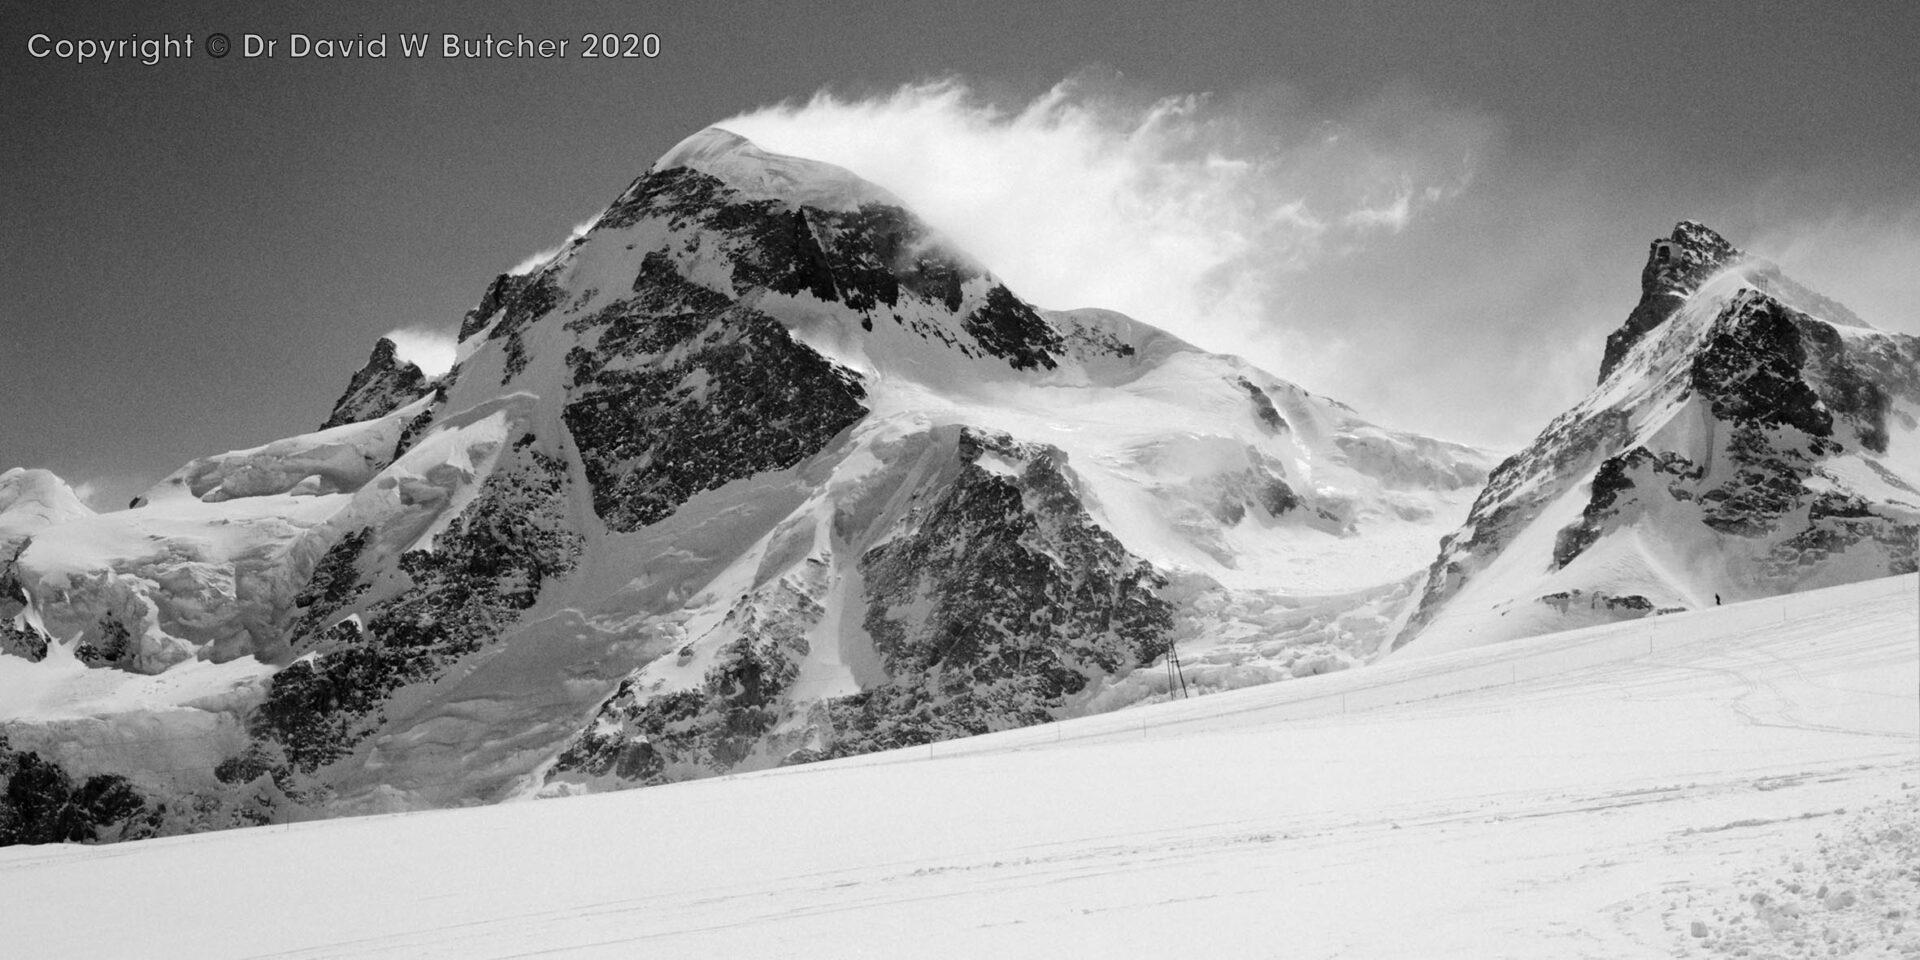 Breithorn and Klein Matterhorn, Zermatt, Switzerland